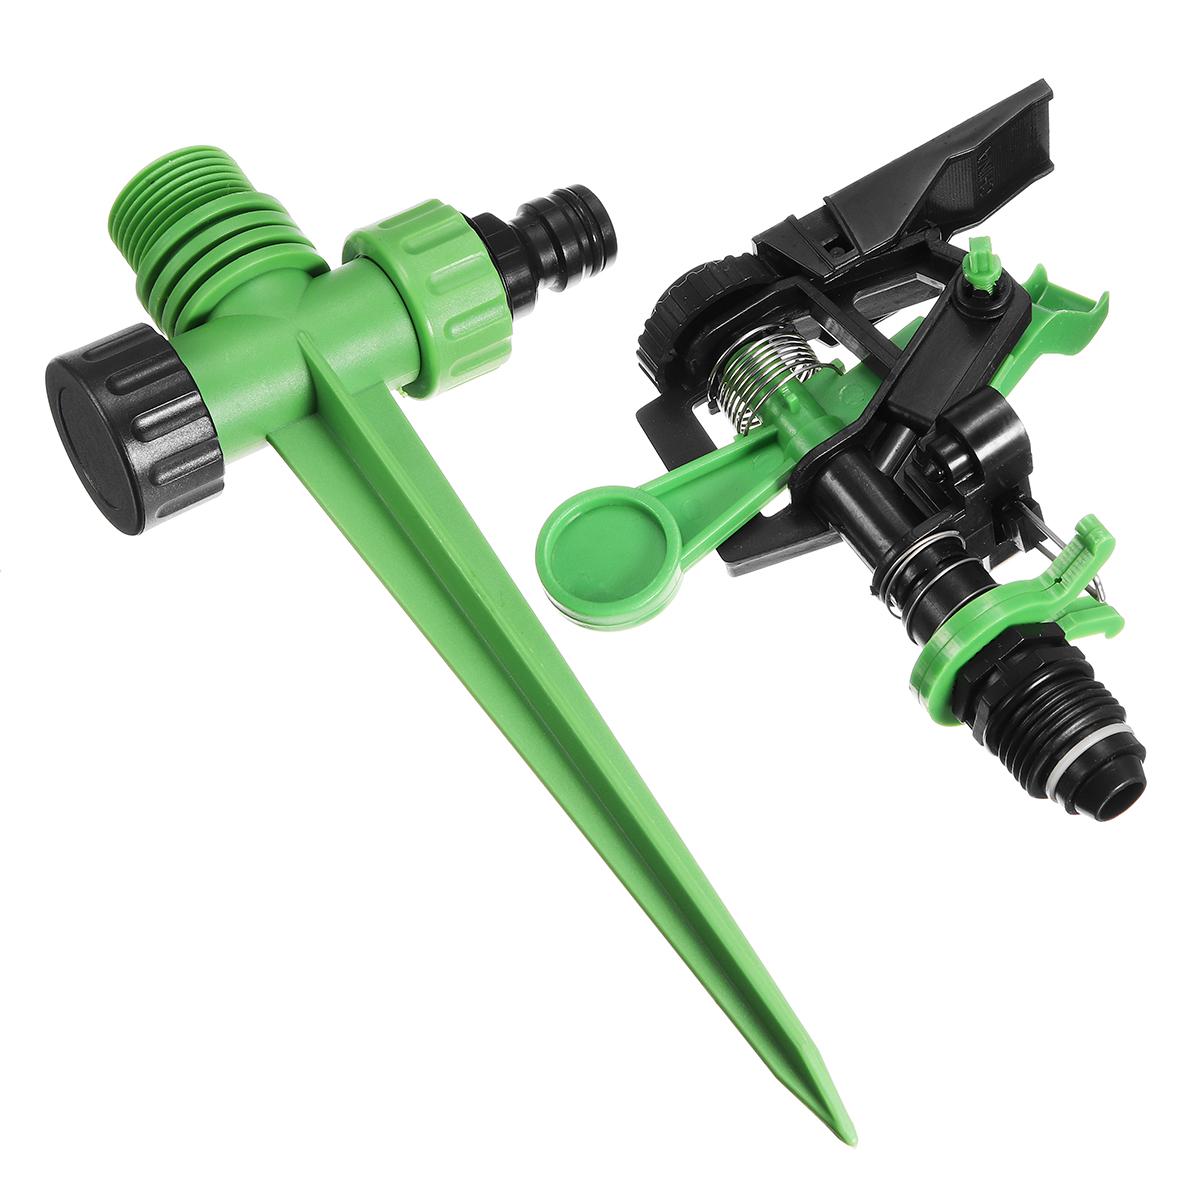 Порошок для воды с вращающейся водой на 360 градусов Сад Спринклерный спринклерный спринклеры для полива ABS + PP